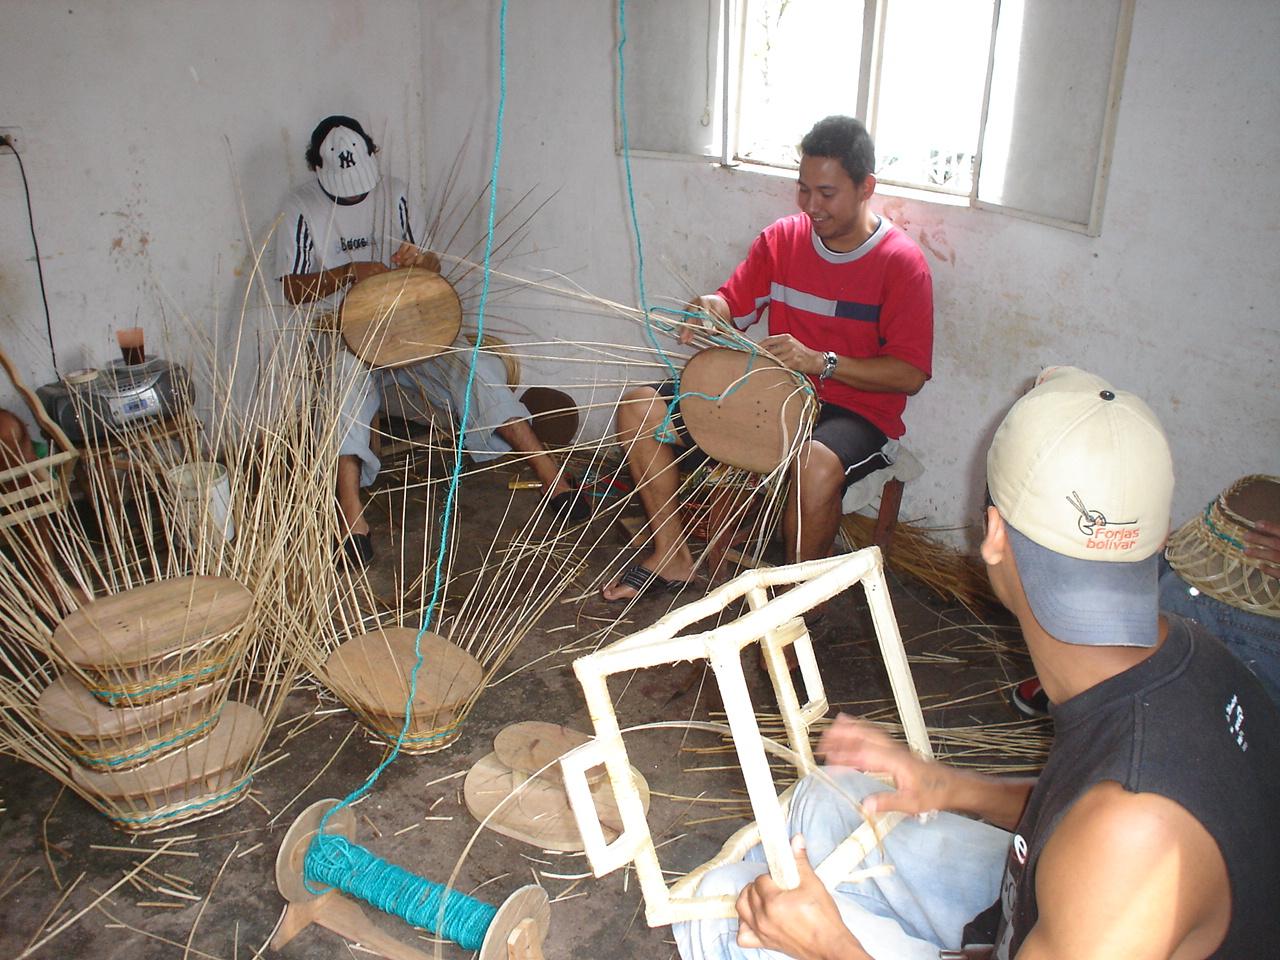 Artesanos_trabajando_mimbre_2,_Silvana_Navarro_Hoyos,_Consultoría,_investigación